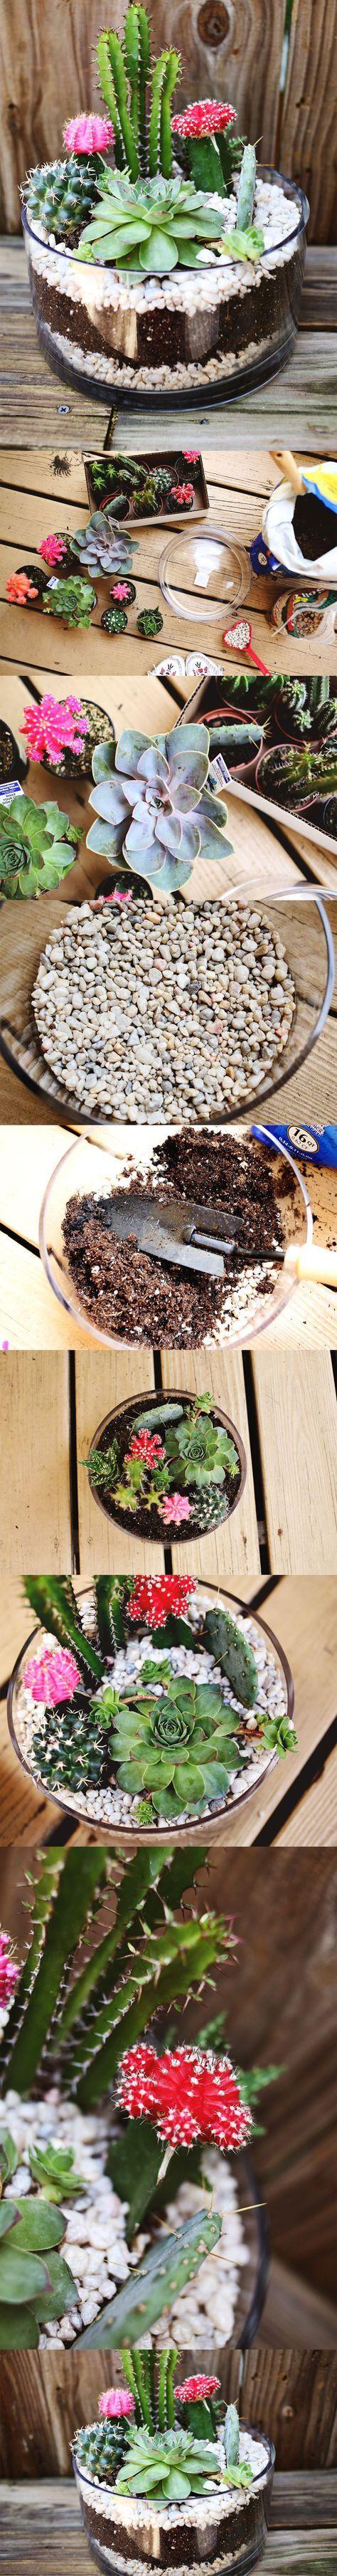 Pequeño jardín con cactus